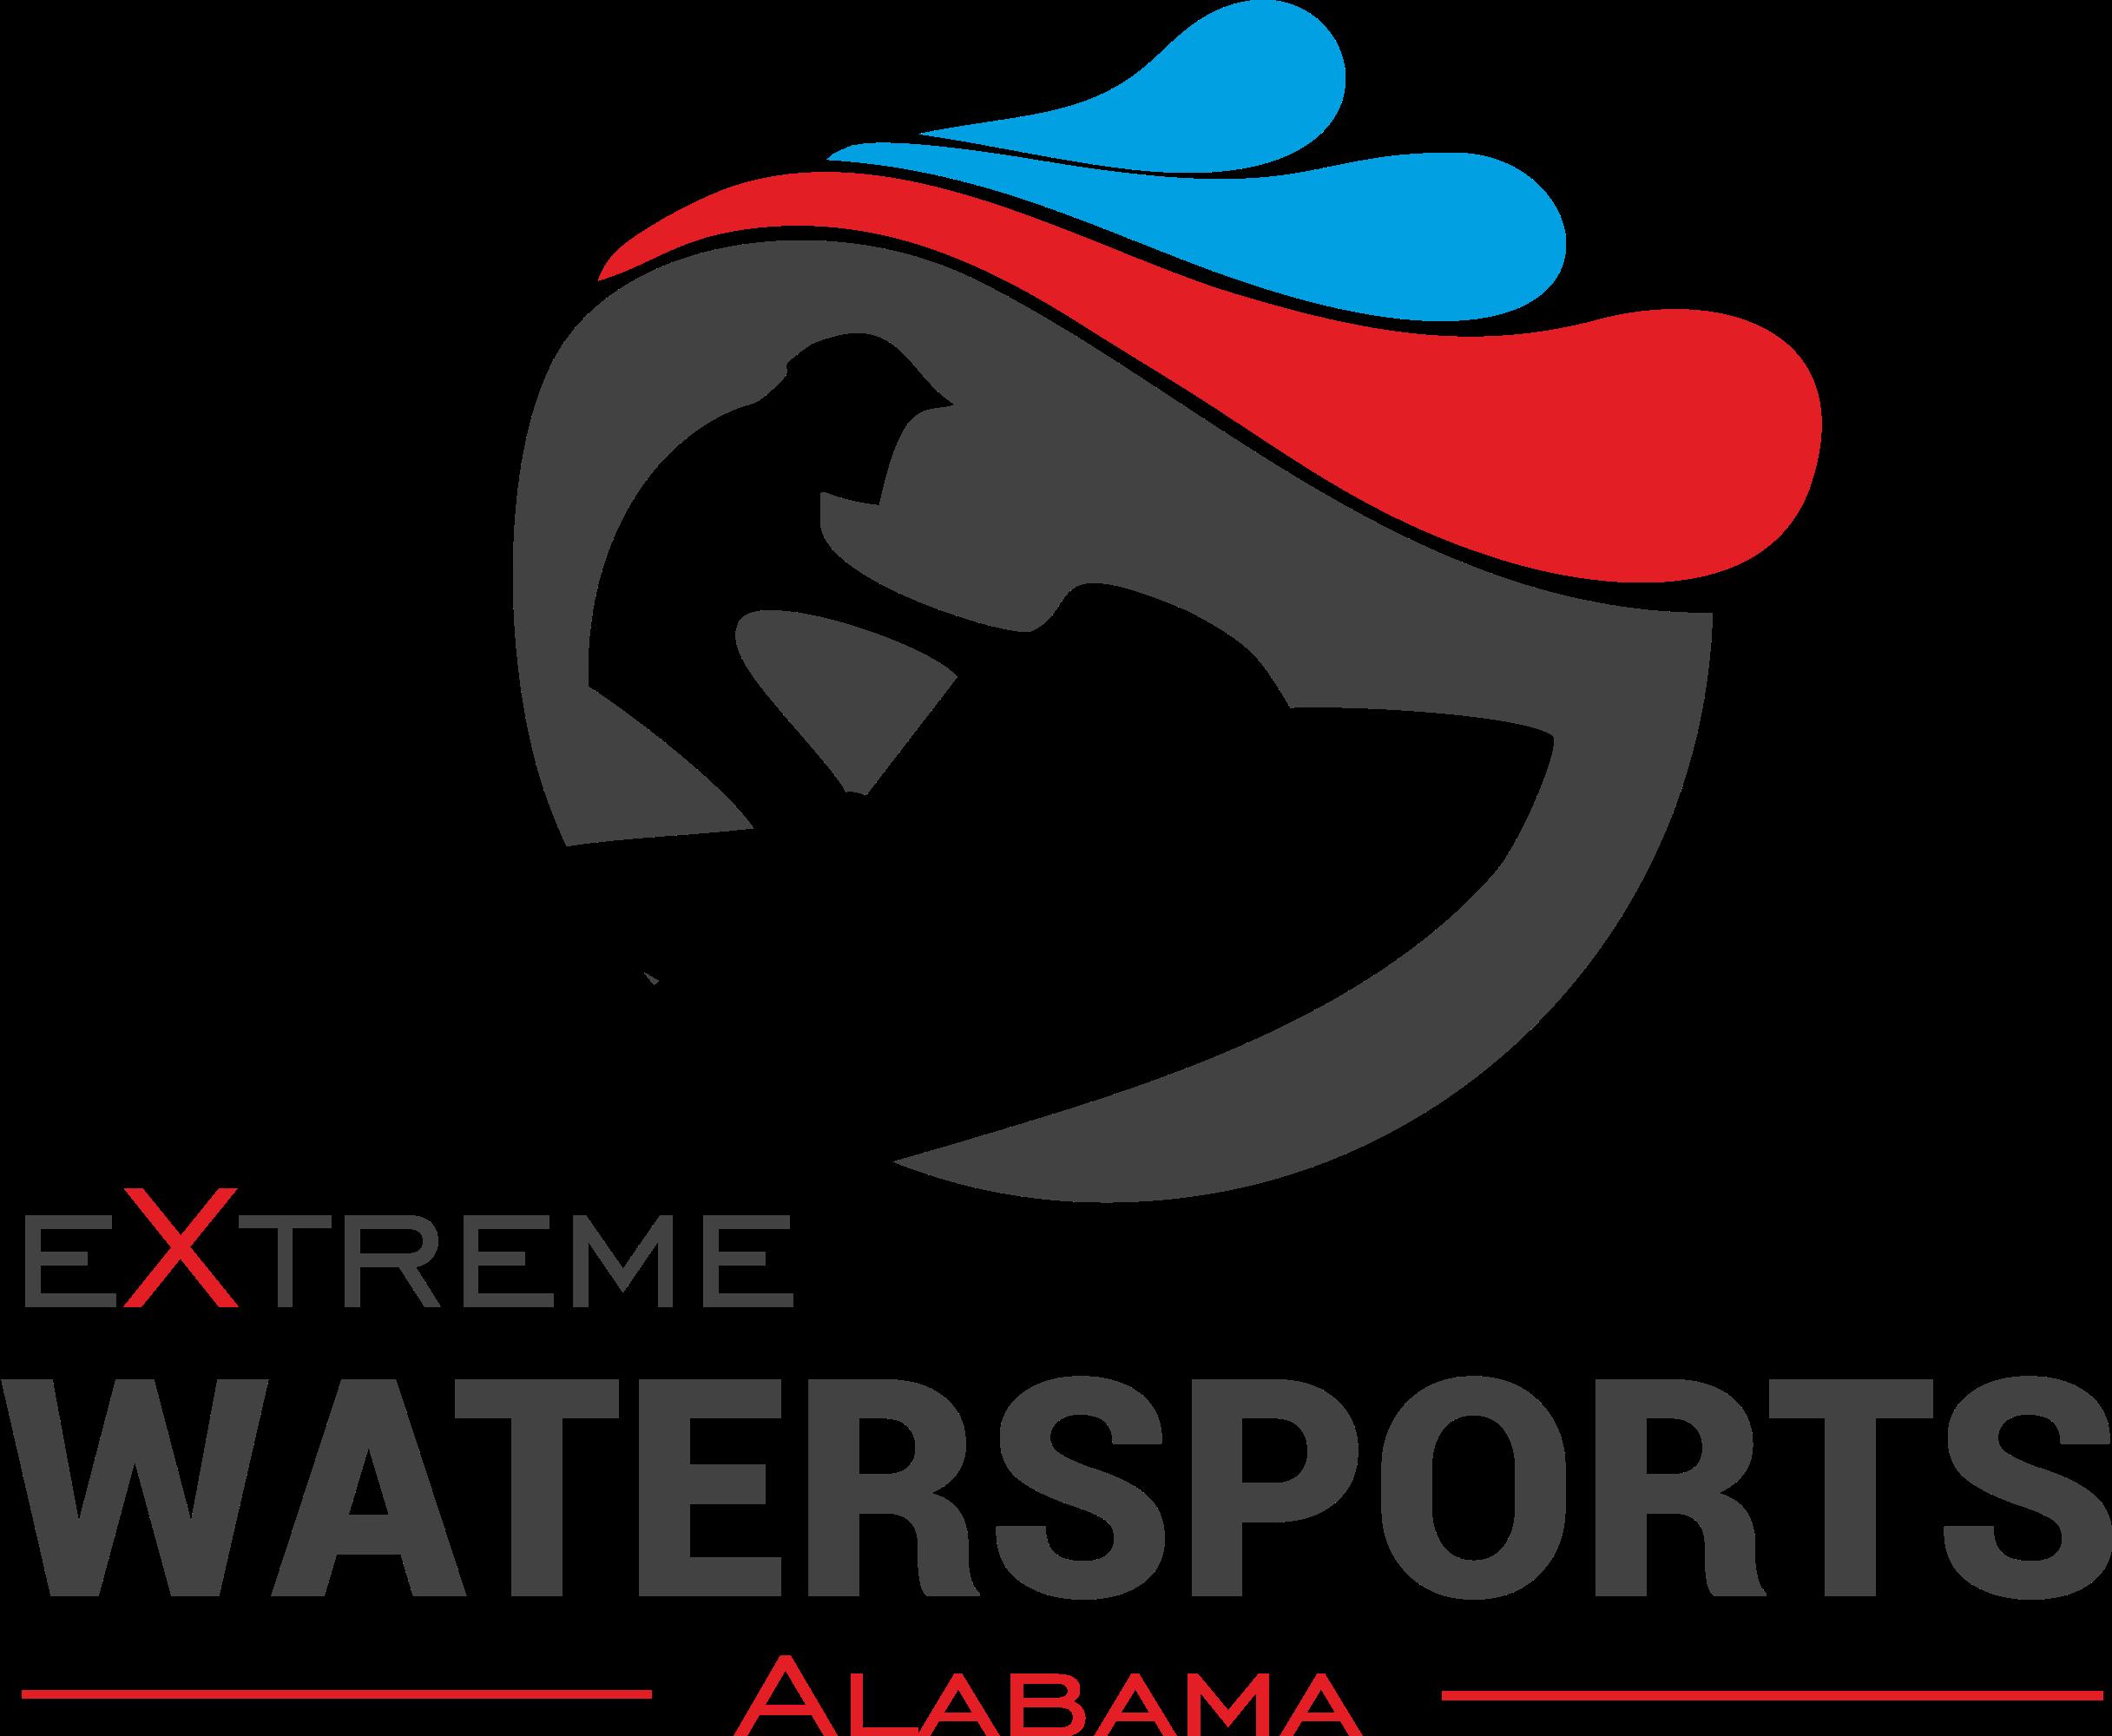 Alabama Extreme Watersports image 0